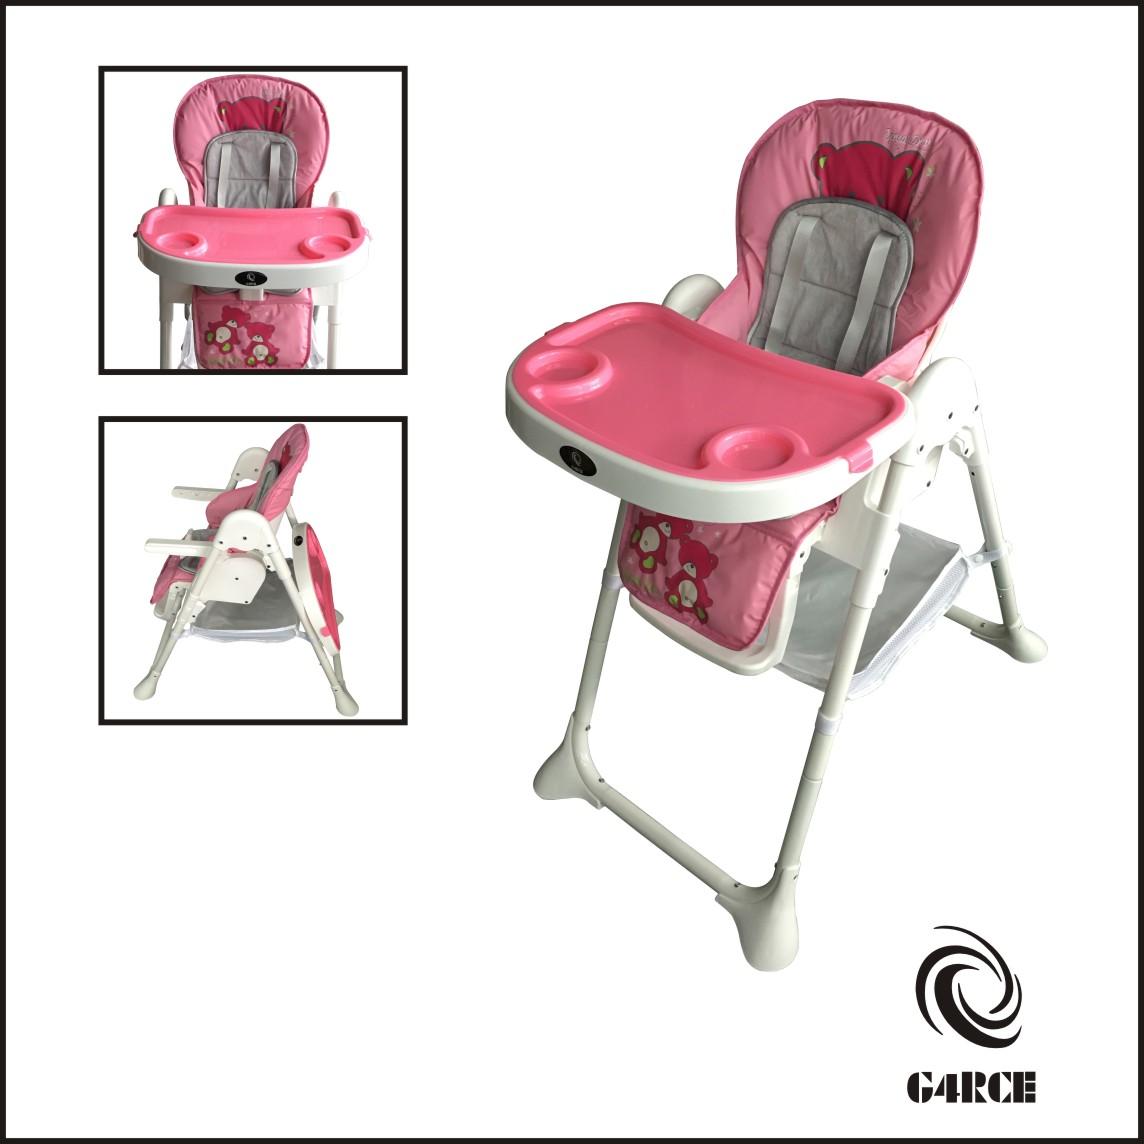 Plegable 3 en 1 Bebé Niño Infantil Reclinable Silla Alta Dar Comer Mesa Bandeja Rosa